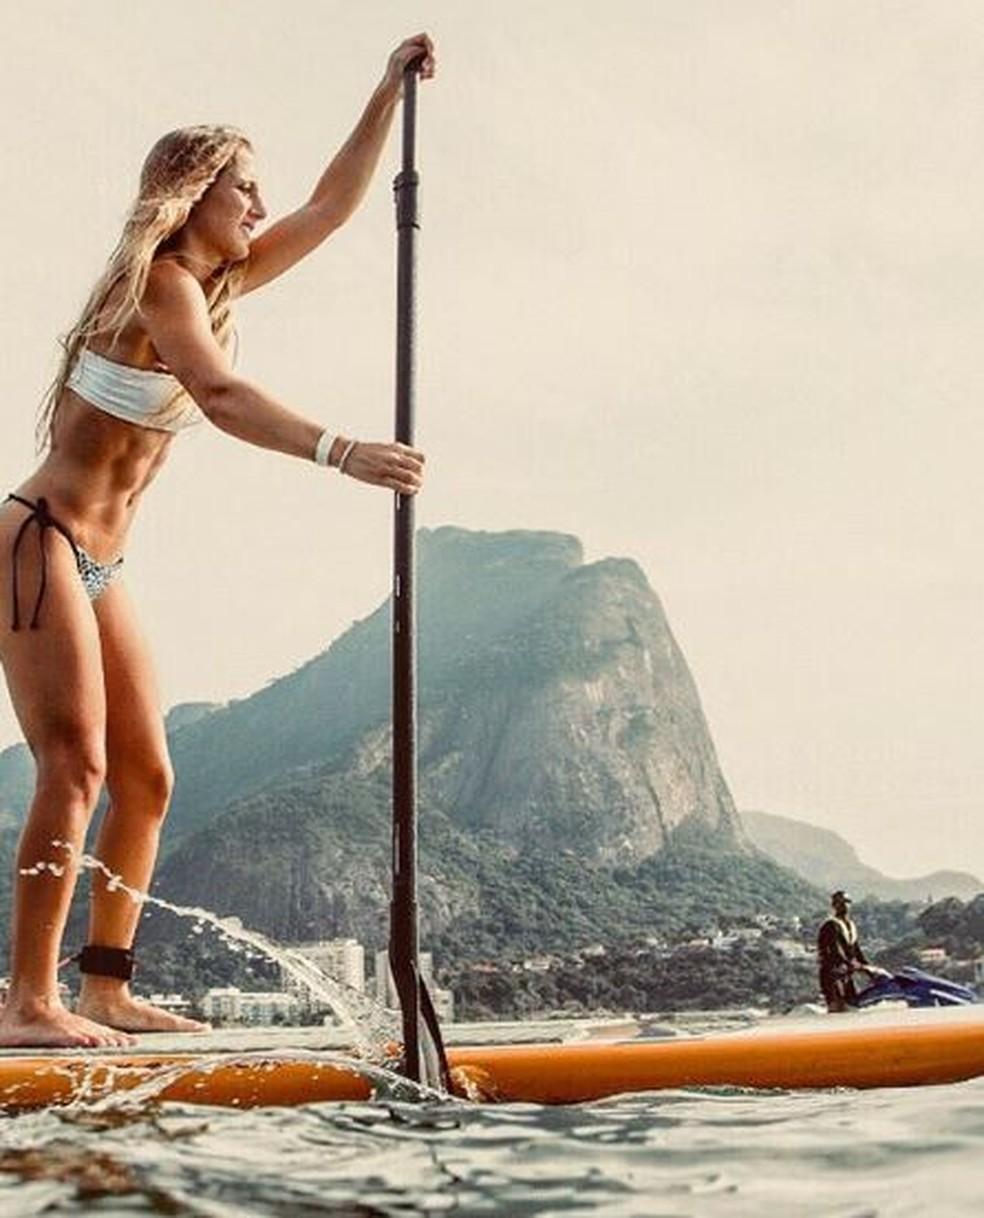 O lugar favorito de Bruna Griphao é a praia. A atriz conta que não se vê morando em um lugar que não tenha mar.  — Foto: Reprodução da Internet